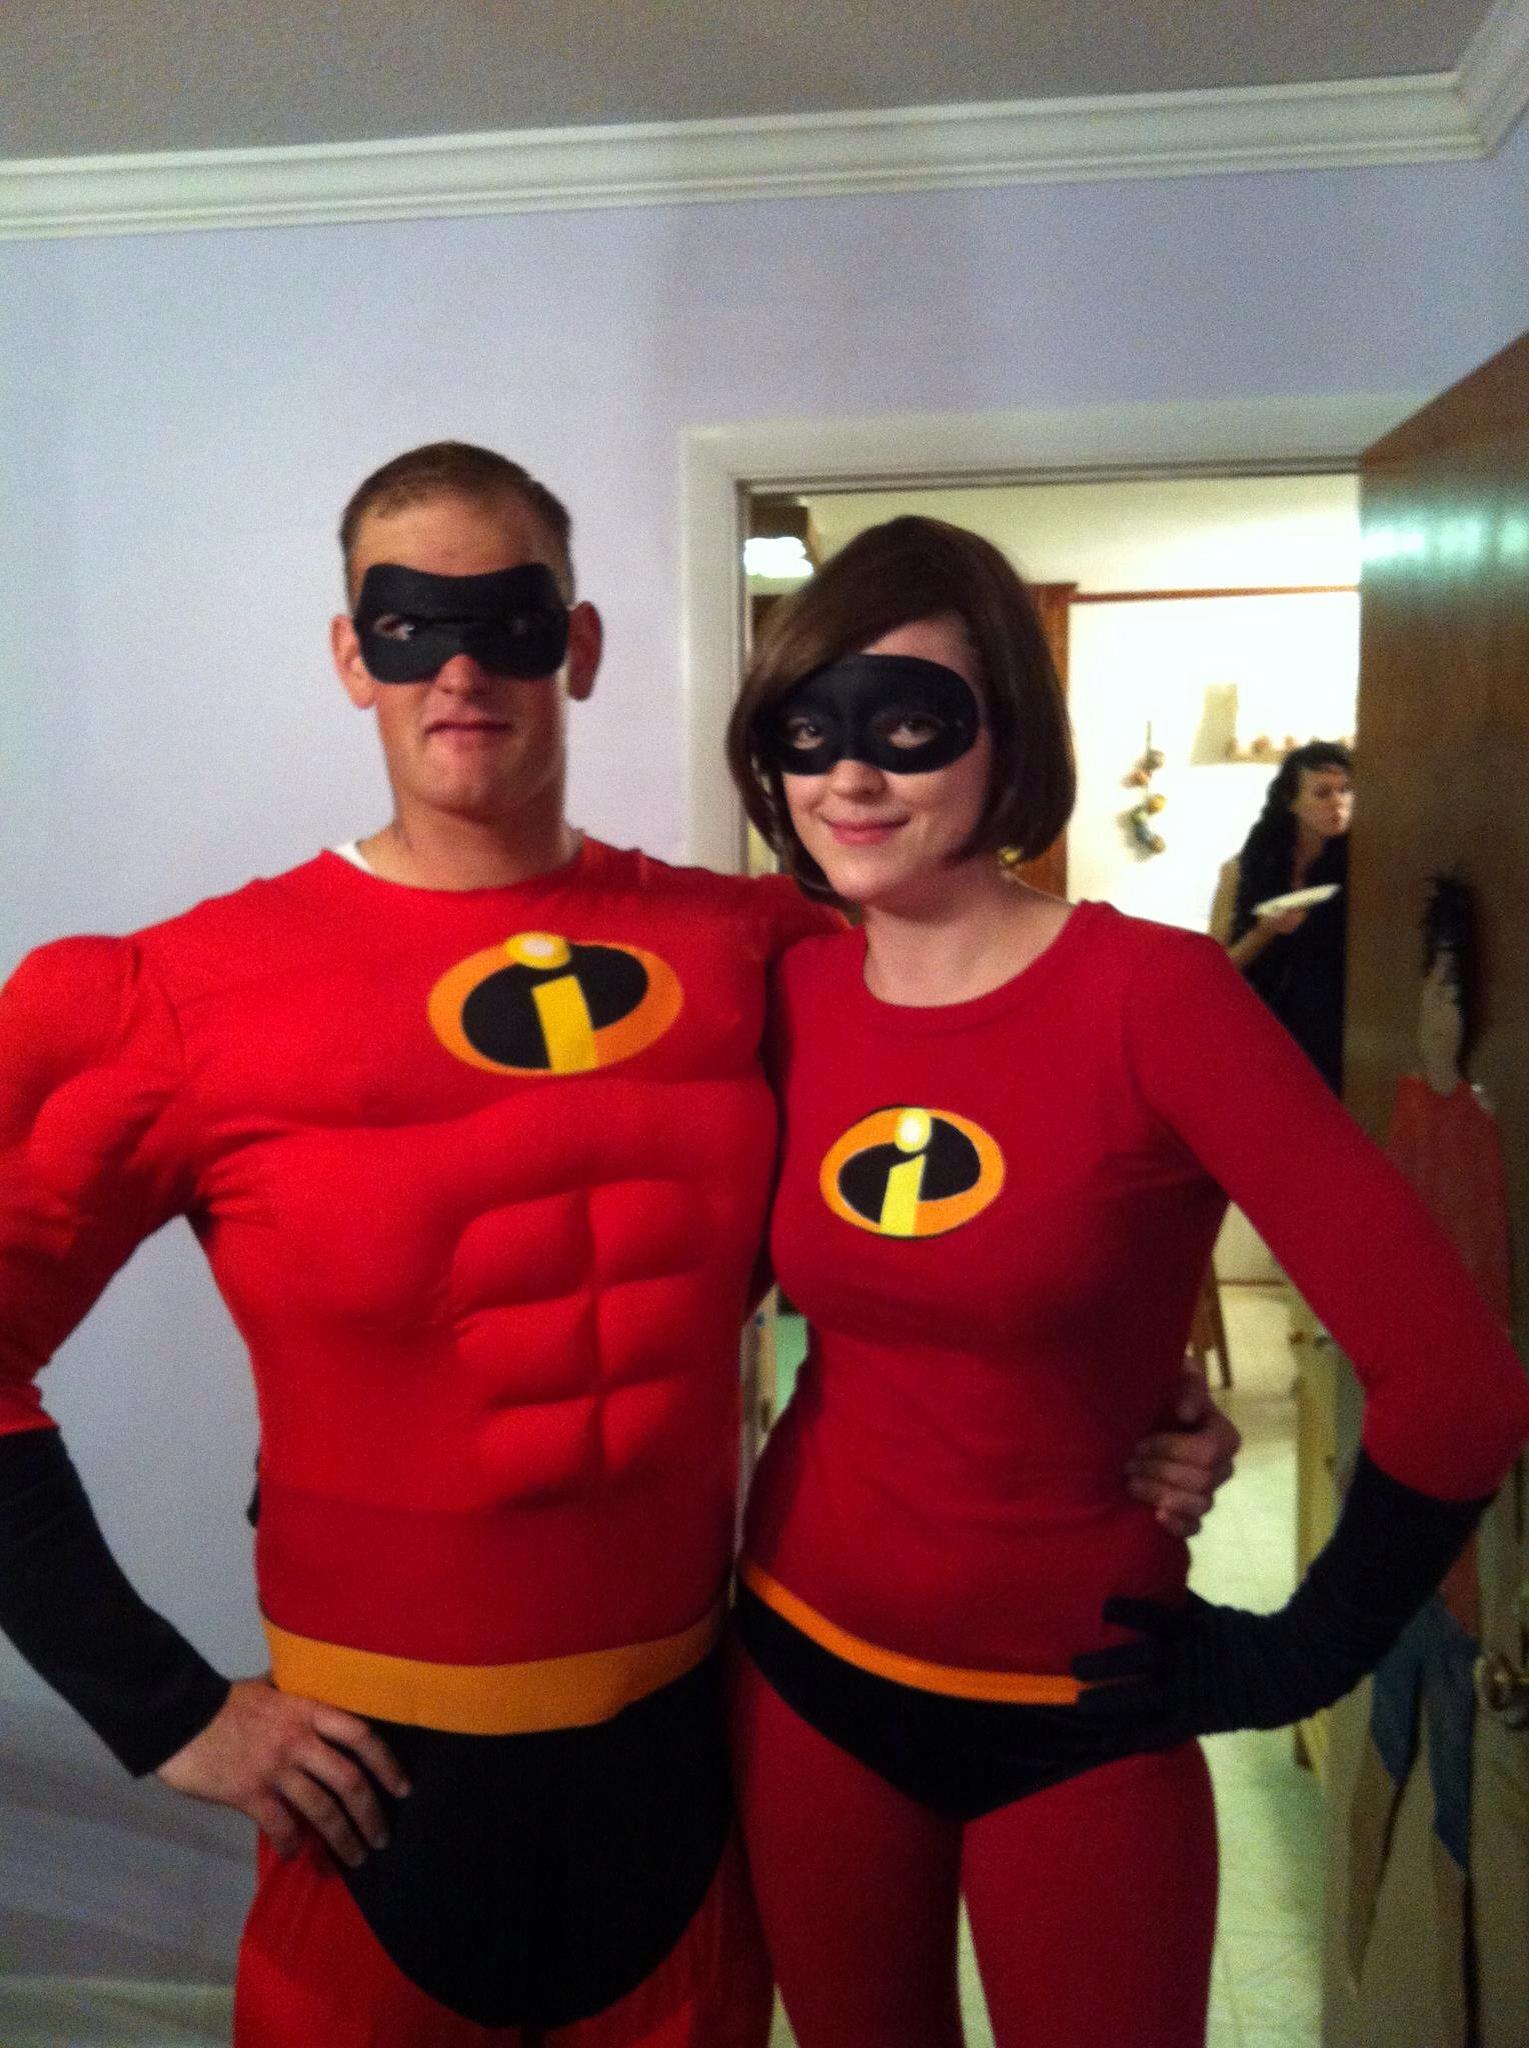 diy incredibles couple costume noelle lewis art